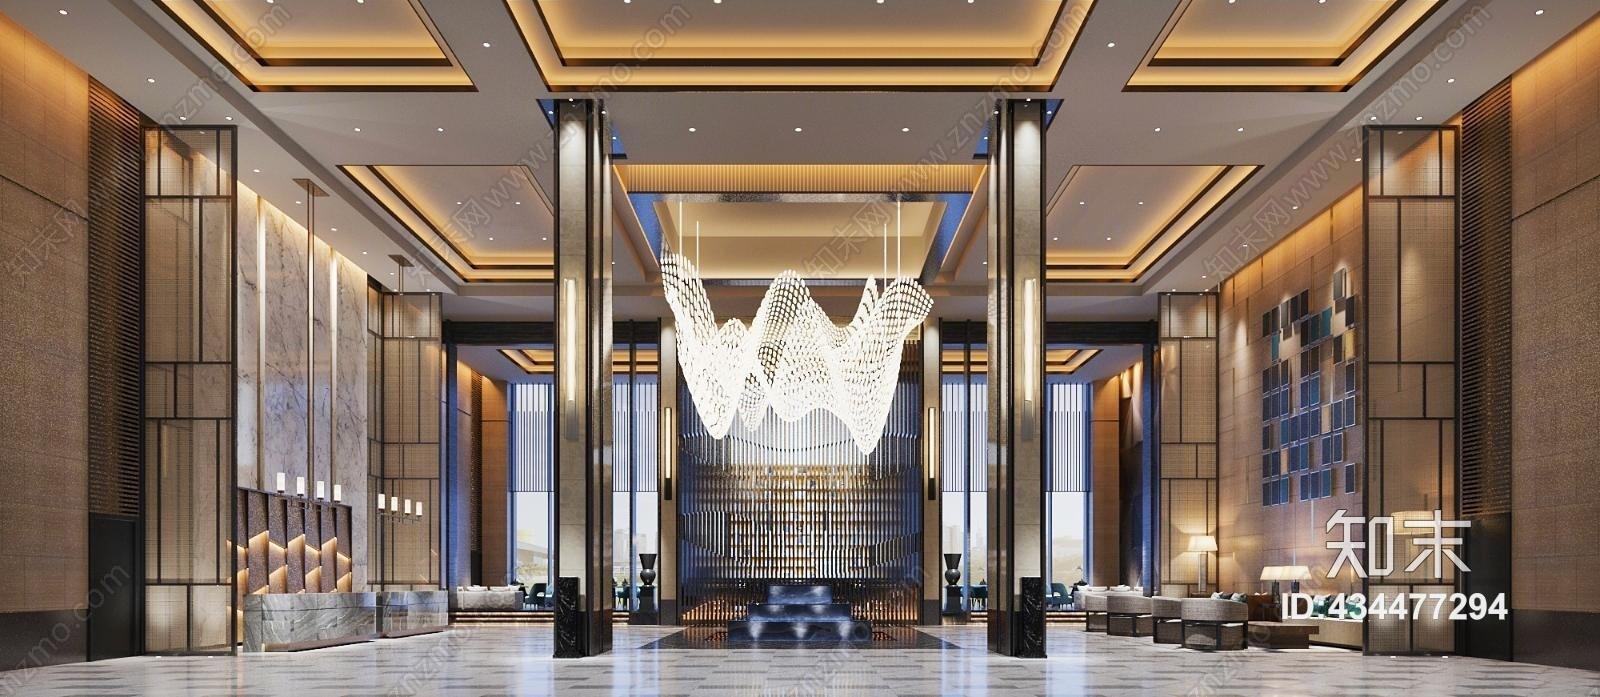 现代酒店大堂